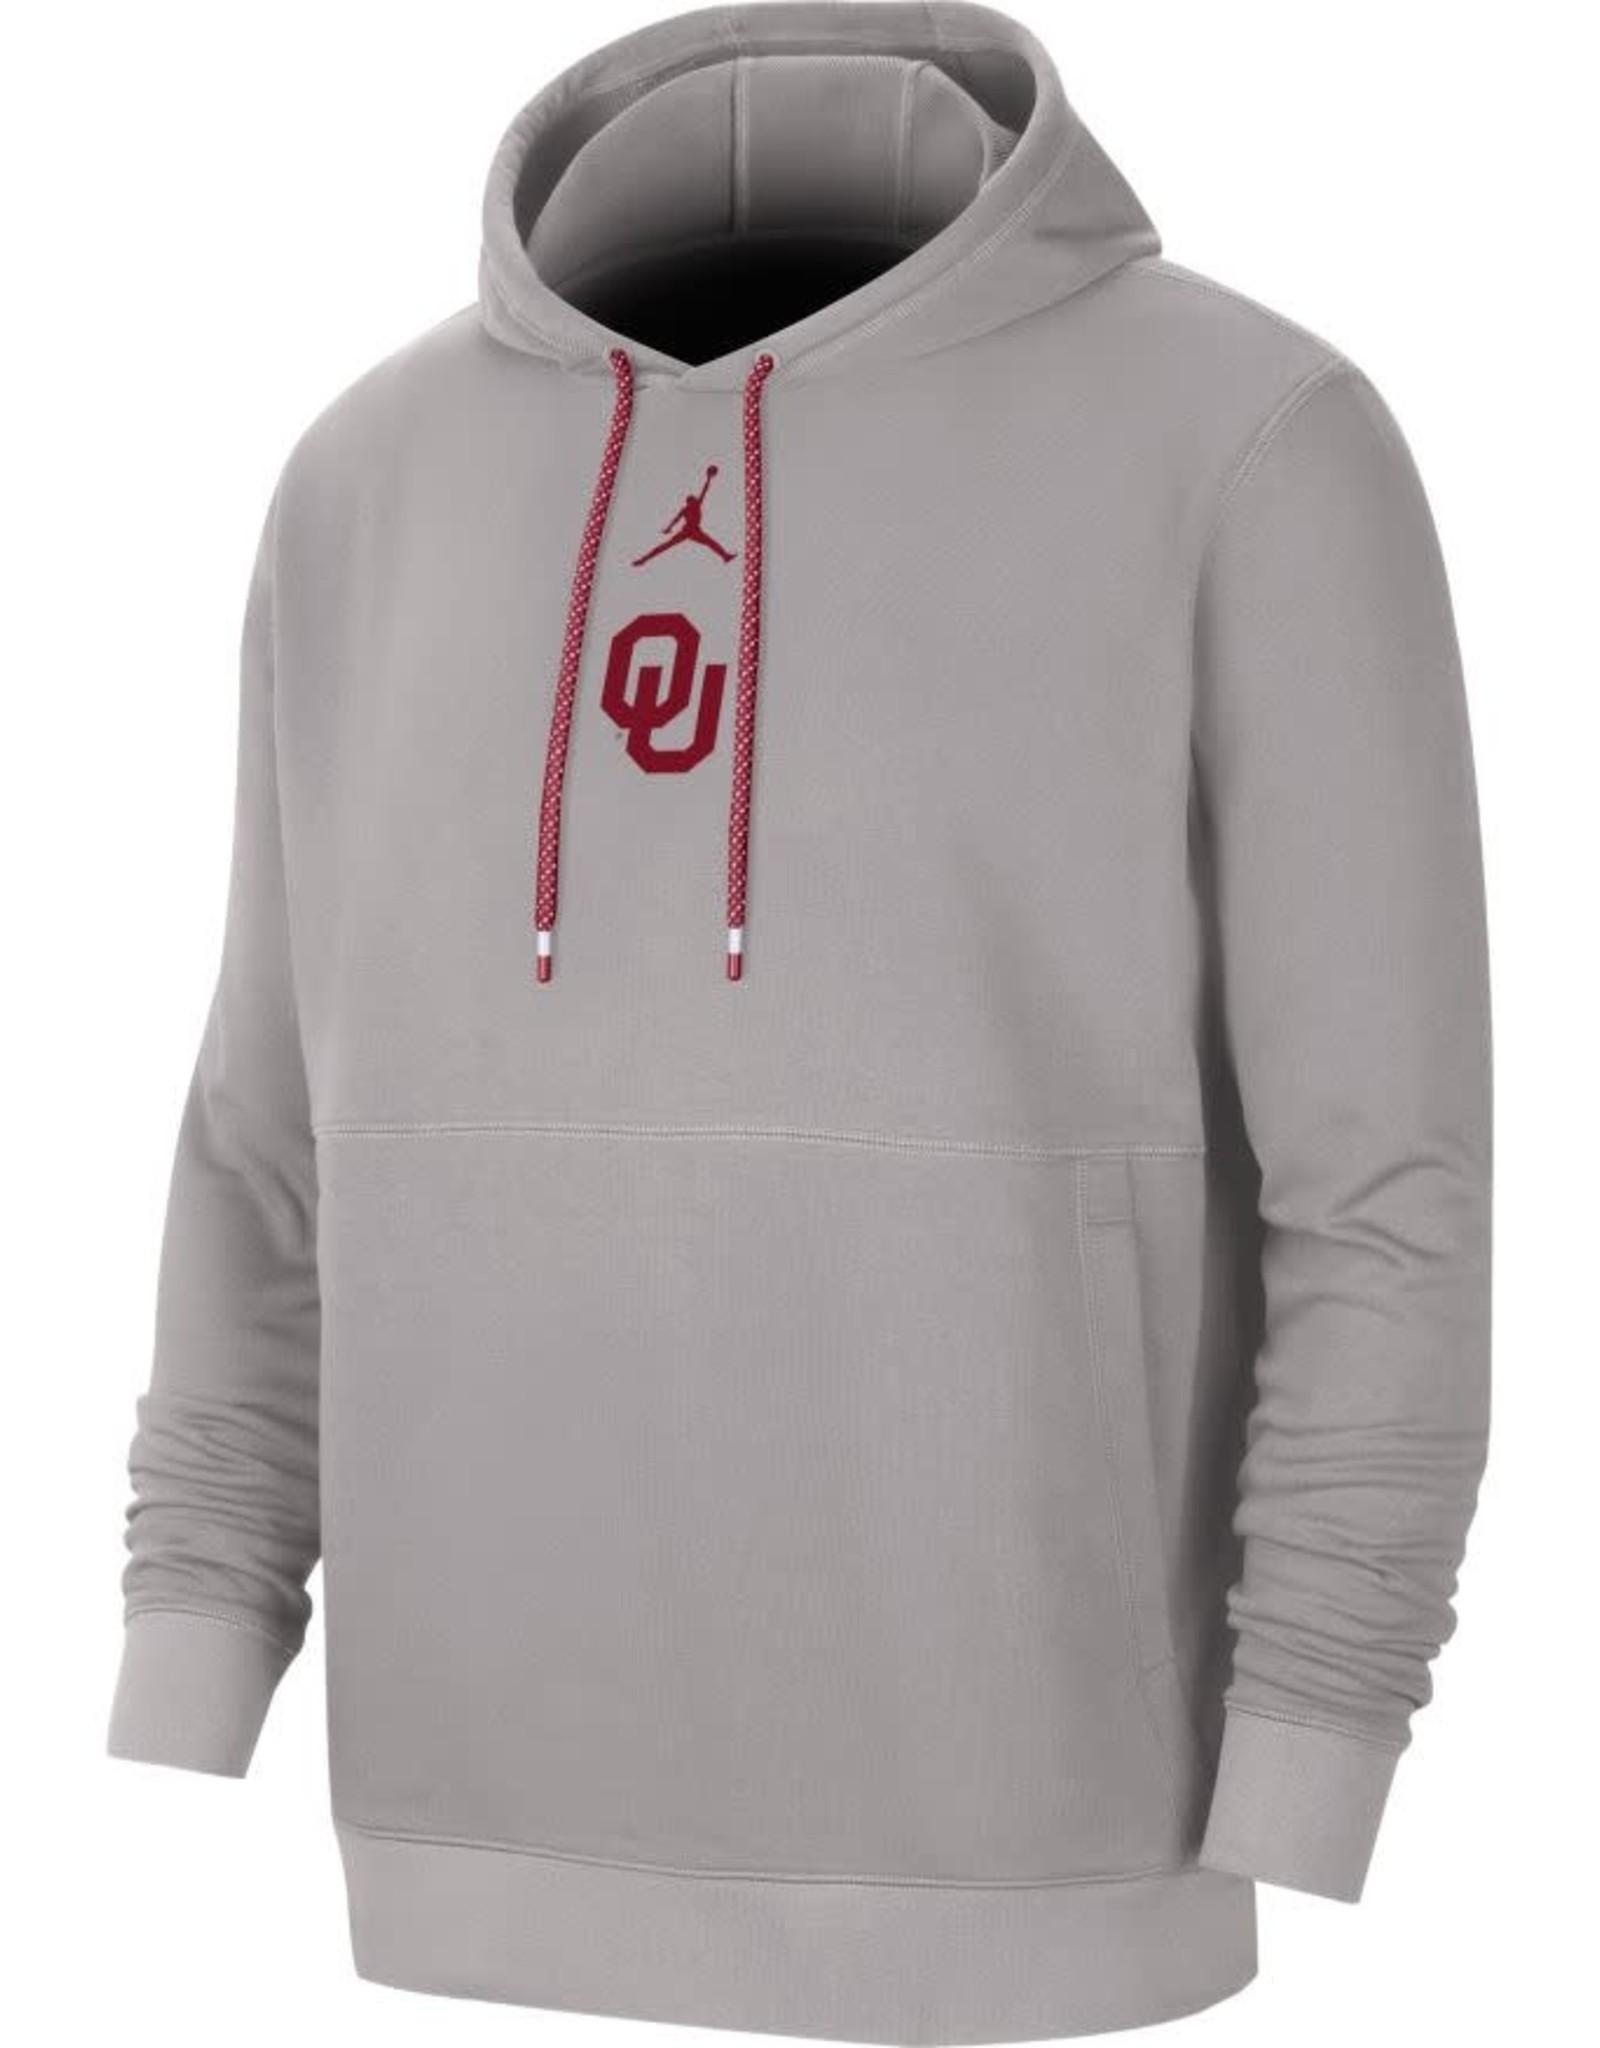 Jordan Men's Jordan OU Gray Fleece Practice Hoodie